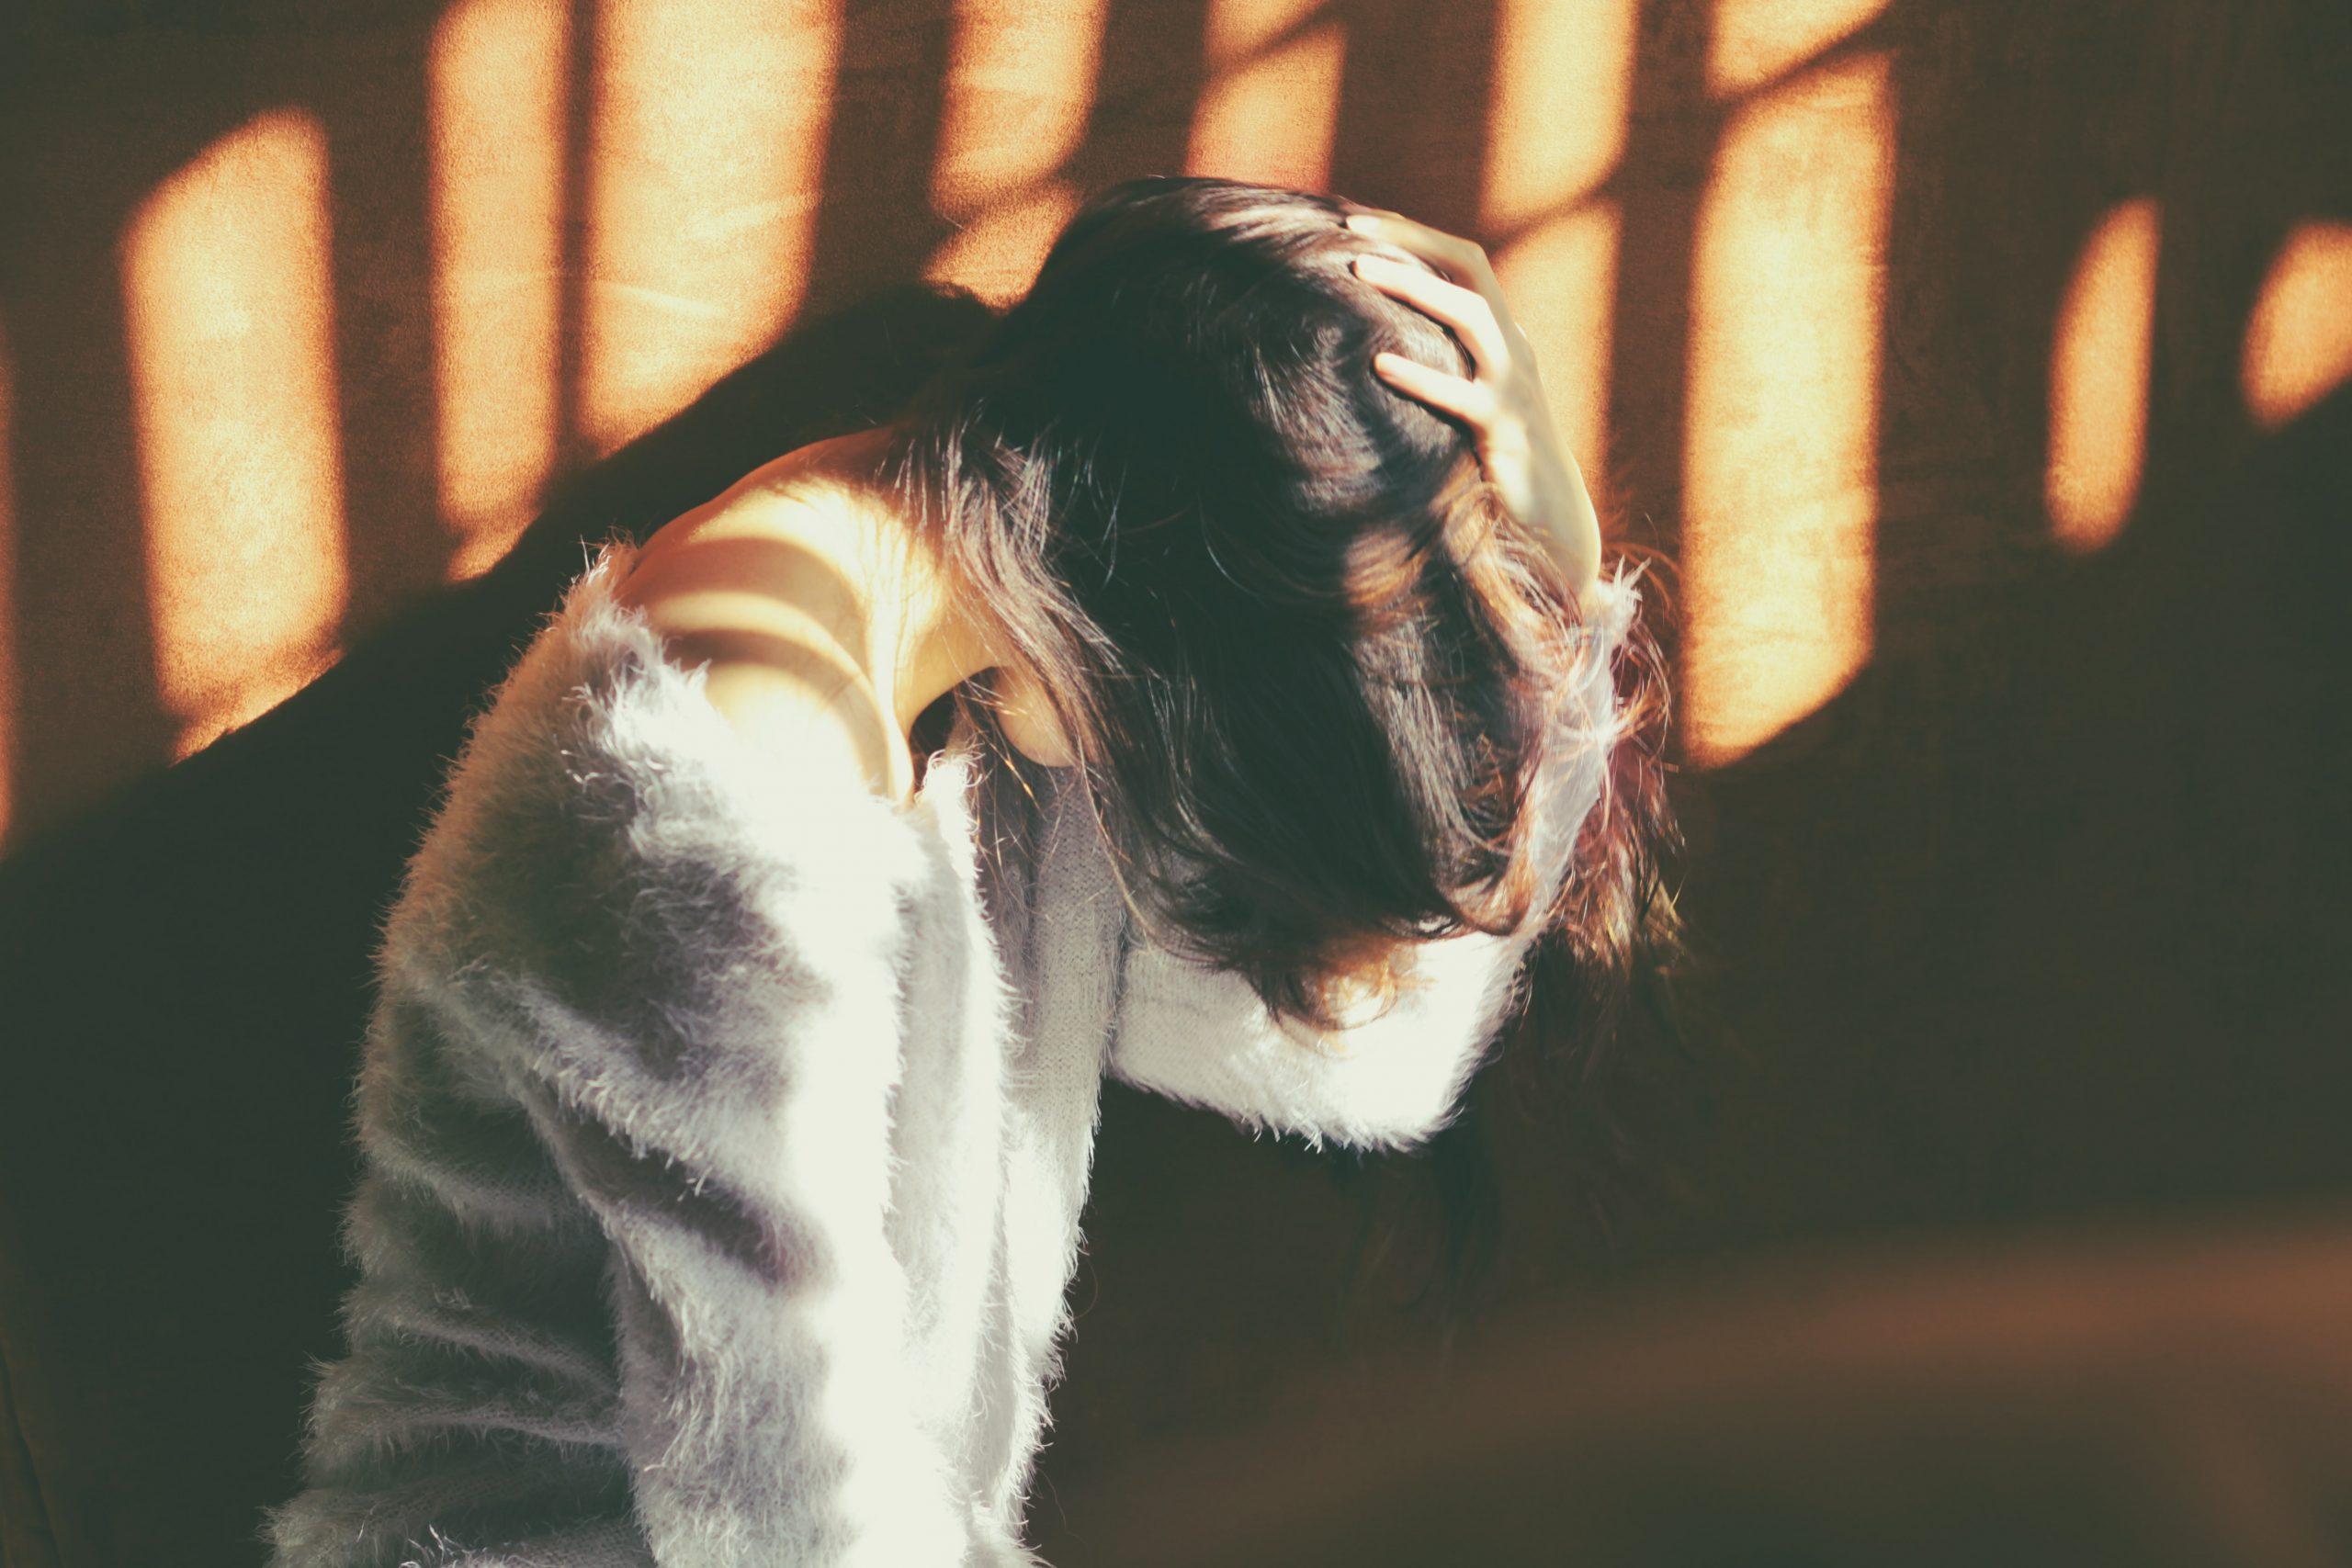 Fata rezemata de perete care se tine de cap ca si cum ar manifesta o durere greu de suportat